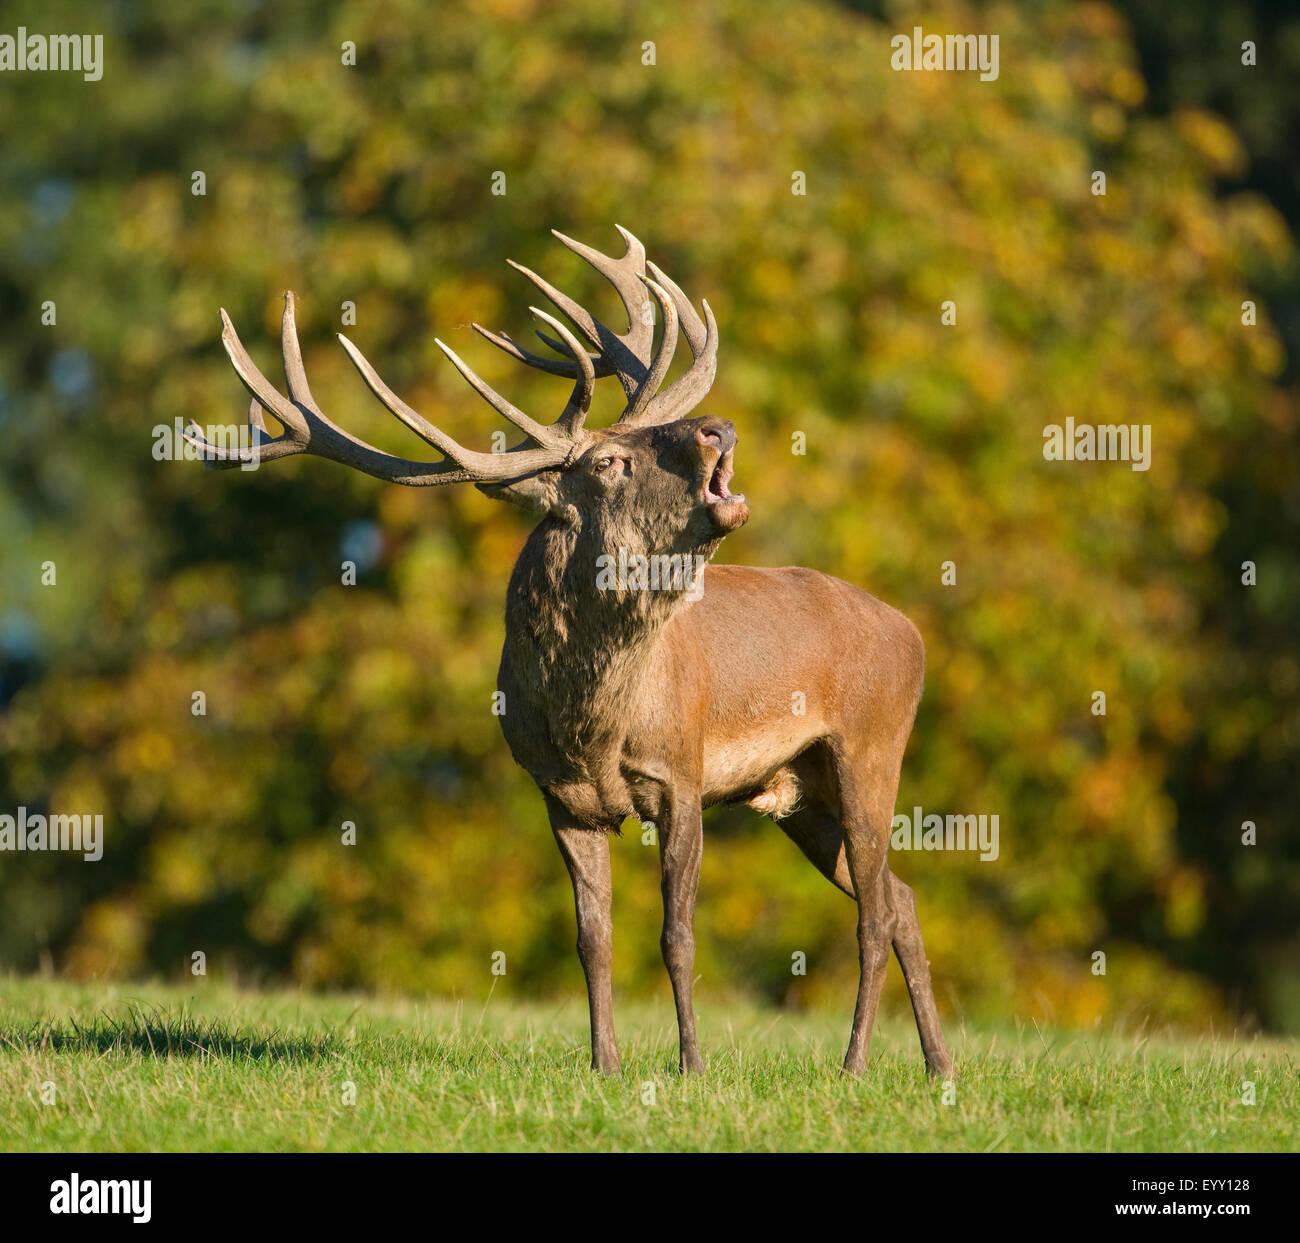 Red Deer (Cervus elaphus) beuglant au cours de saison du rut, captive, Basse-Saxe, Allemagne Photo Stock